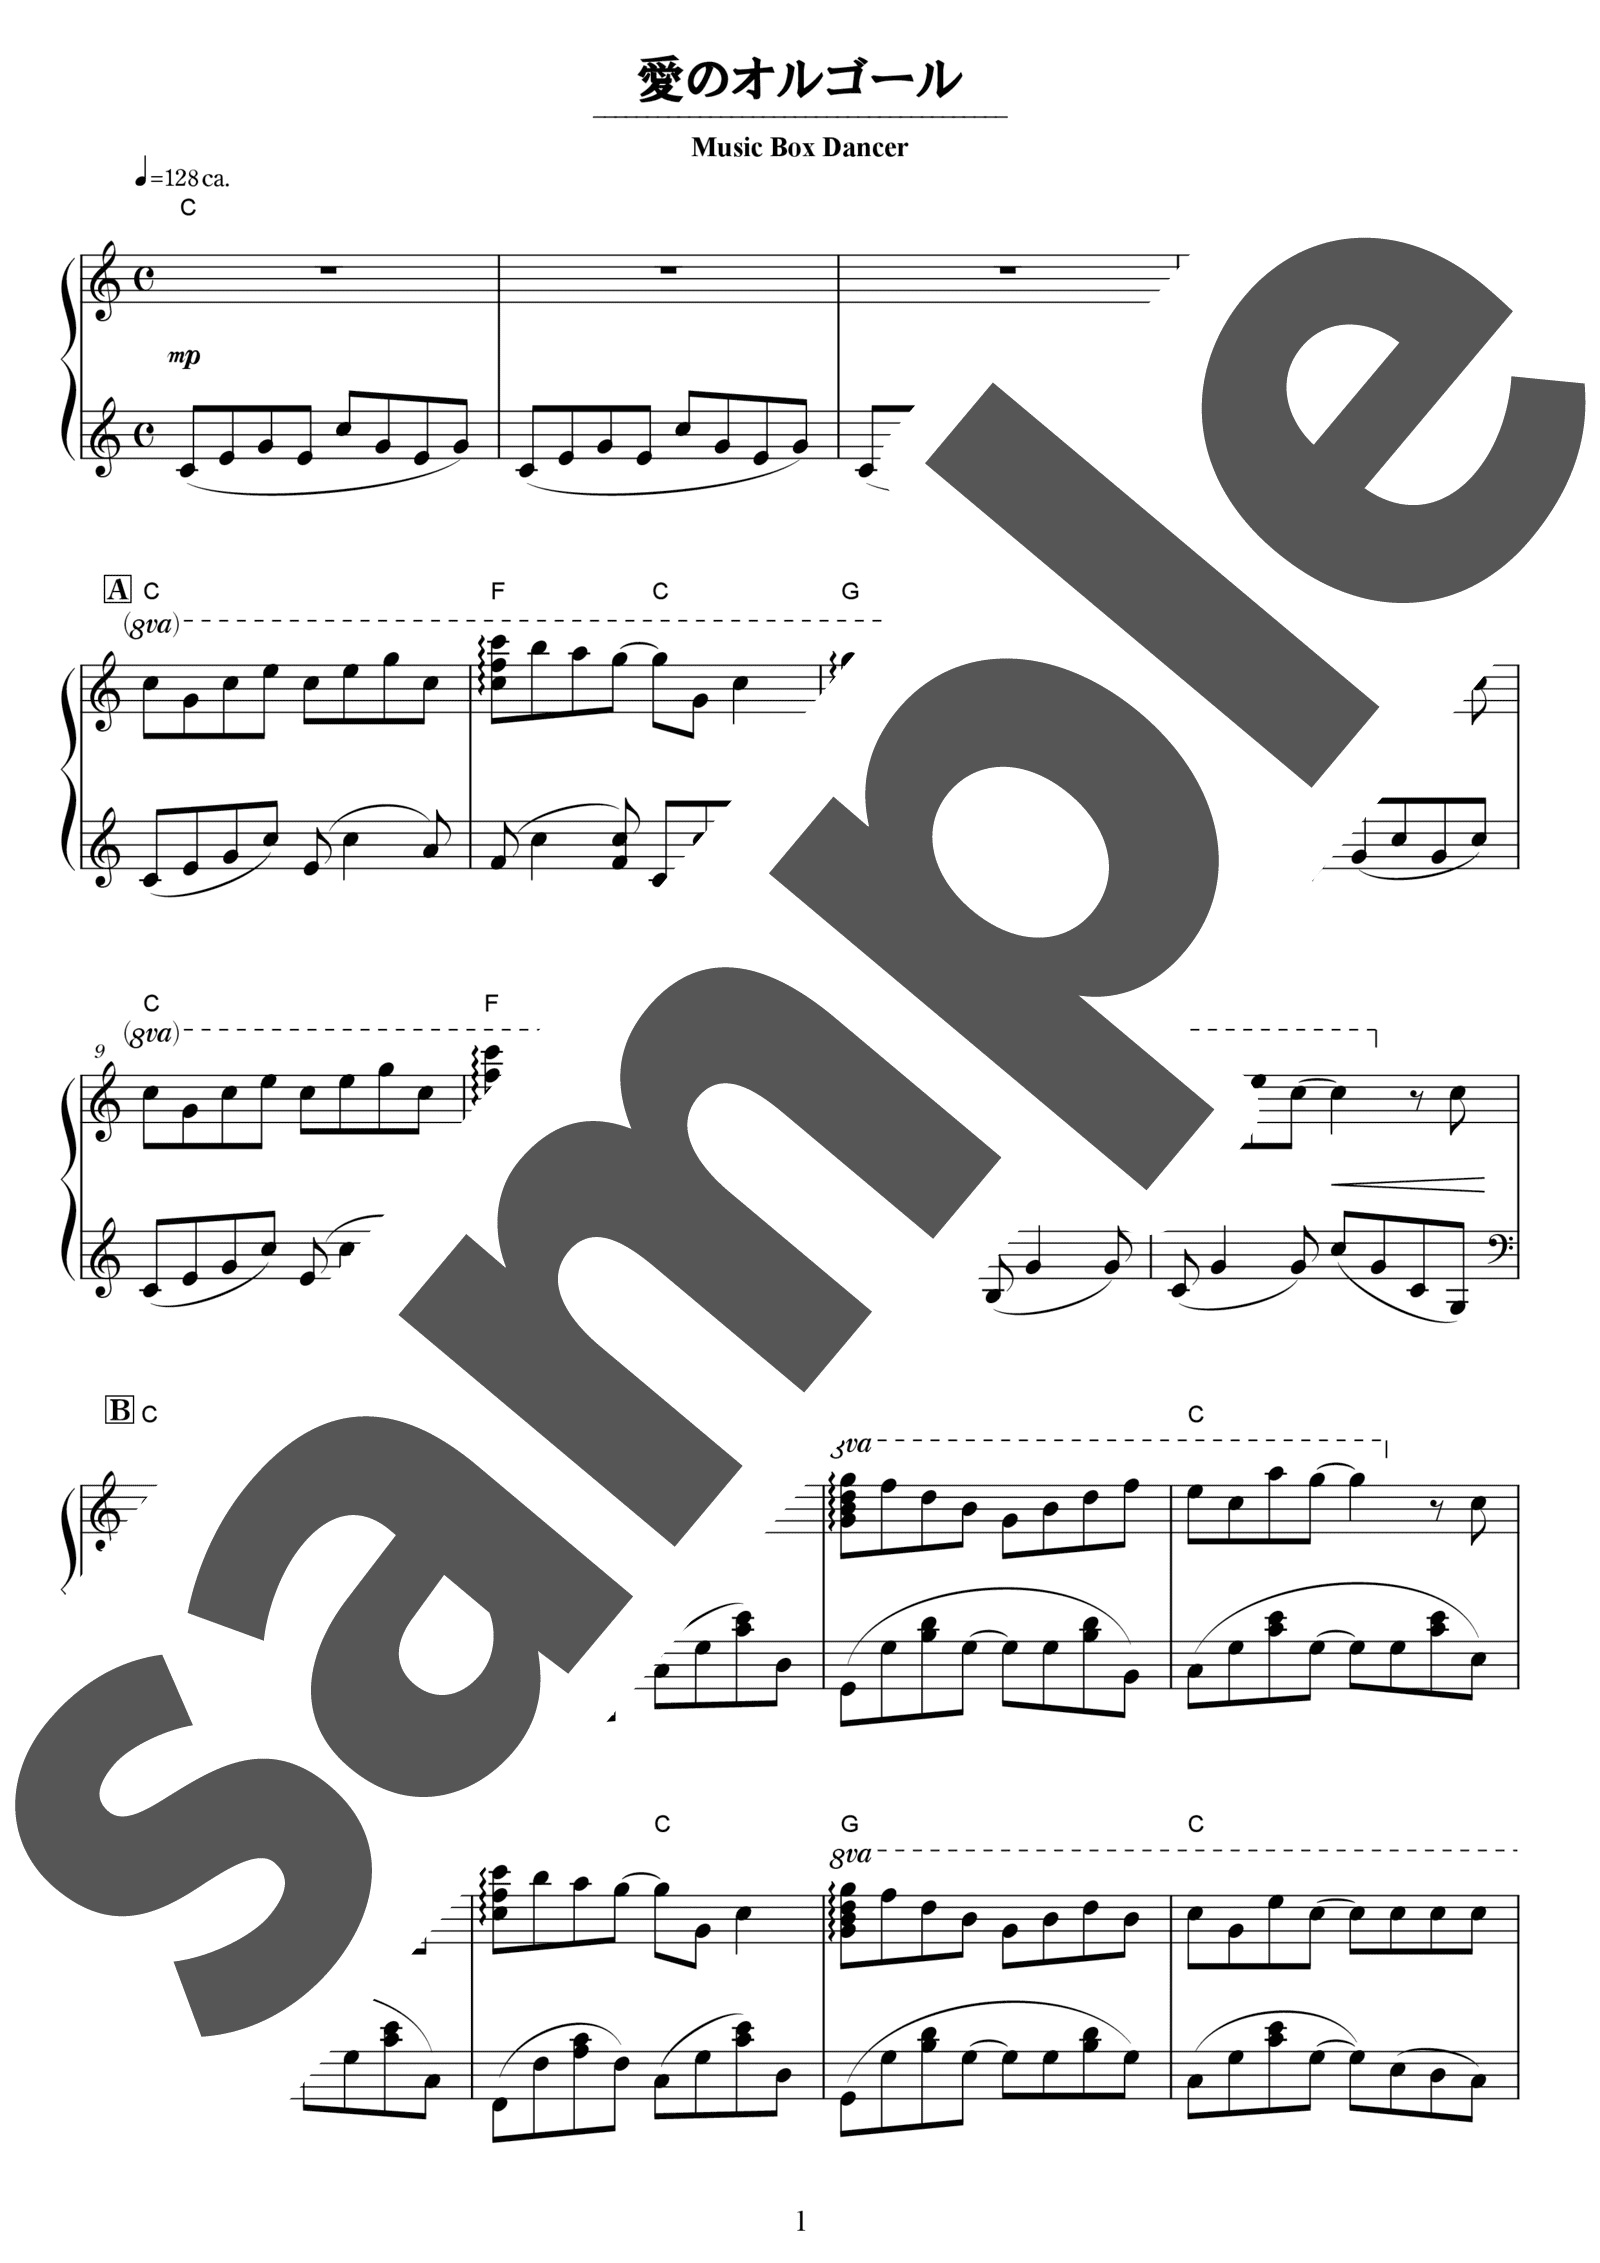 「愛のオルゴール」のサンプル楽譜